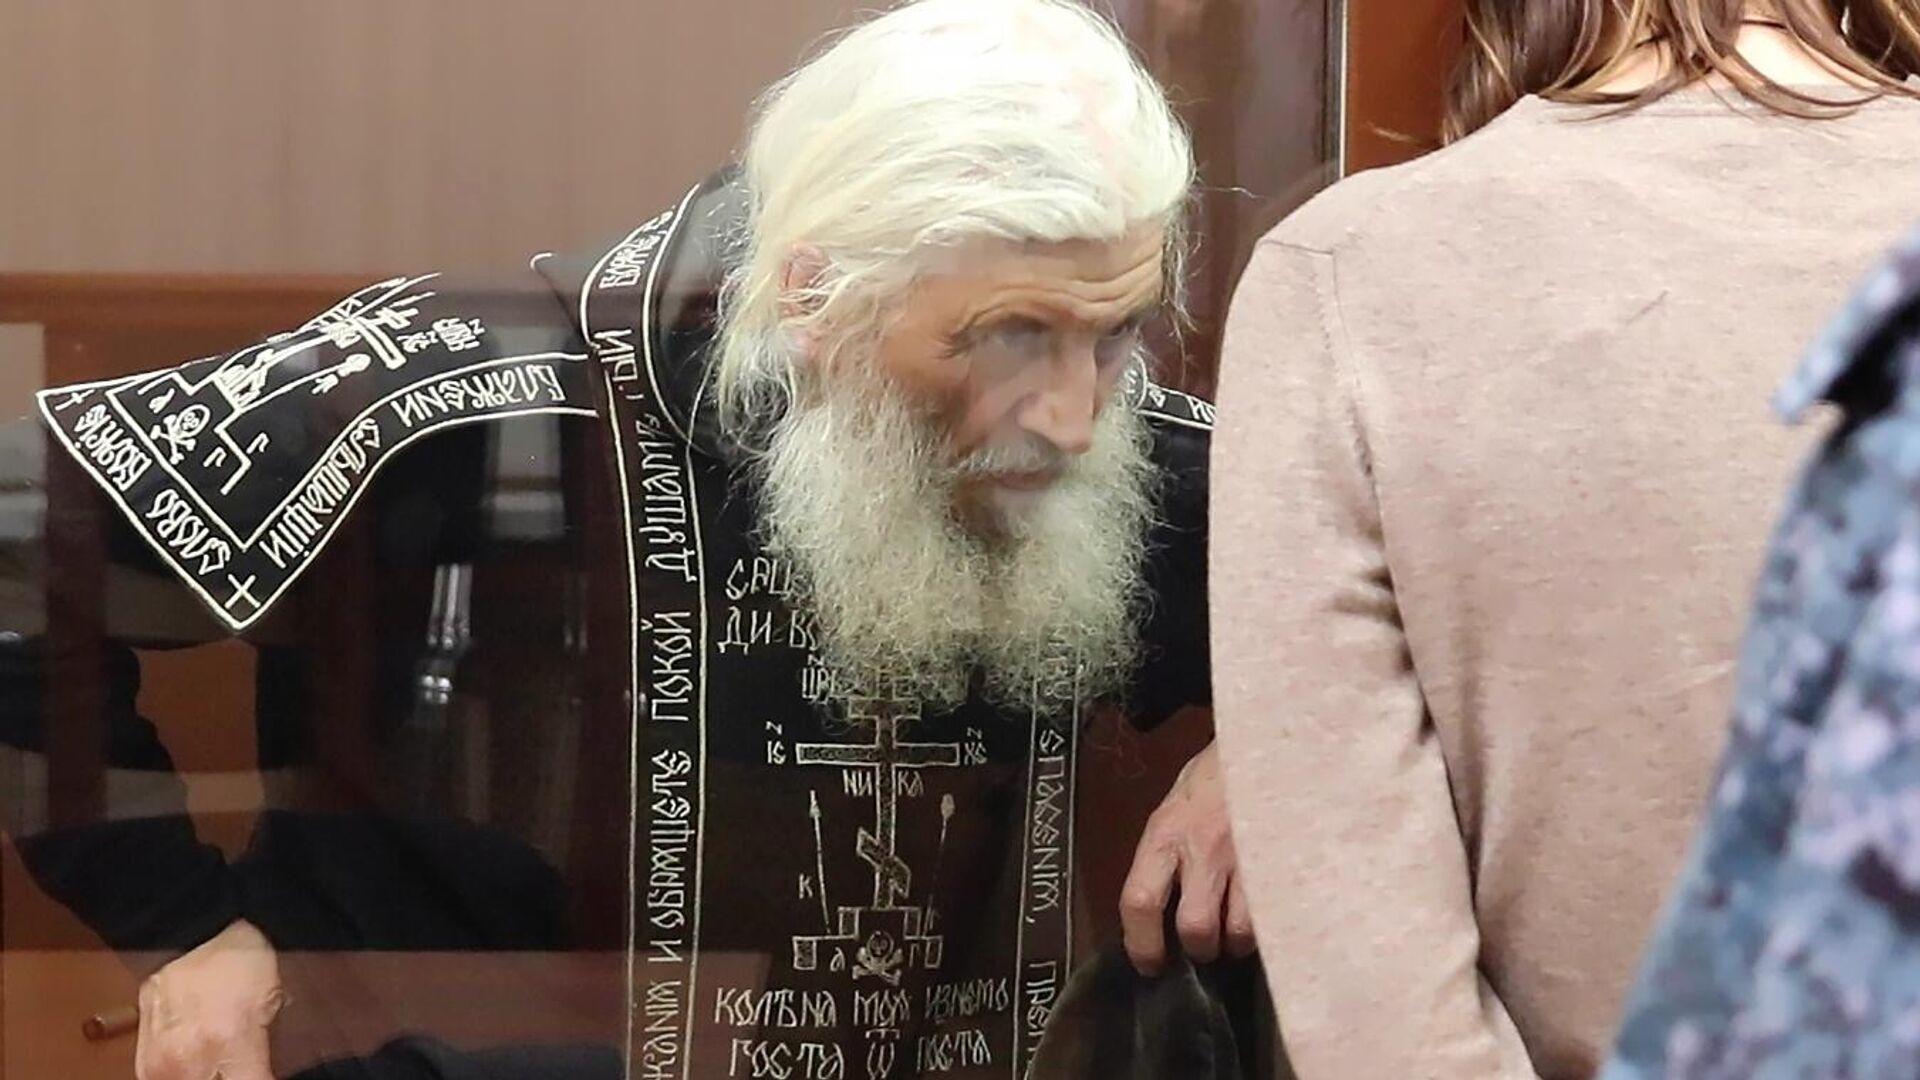 Адвокаты экс-схиигумена Сергия обжалуют решение суда по делу о монастыре